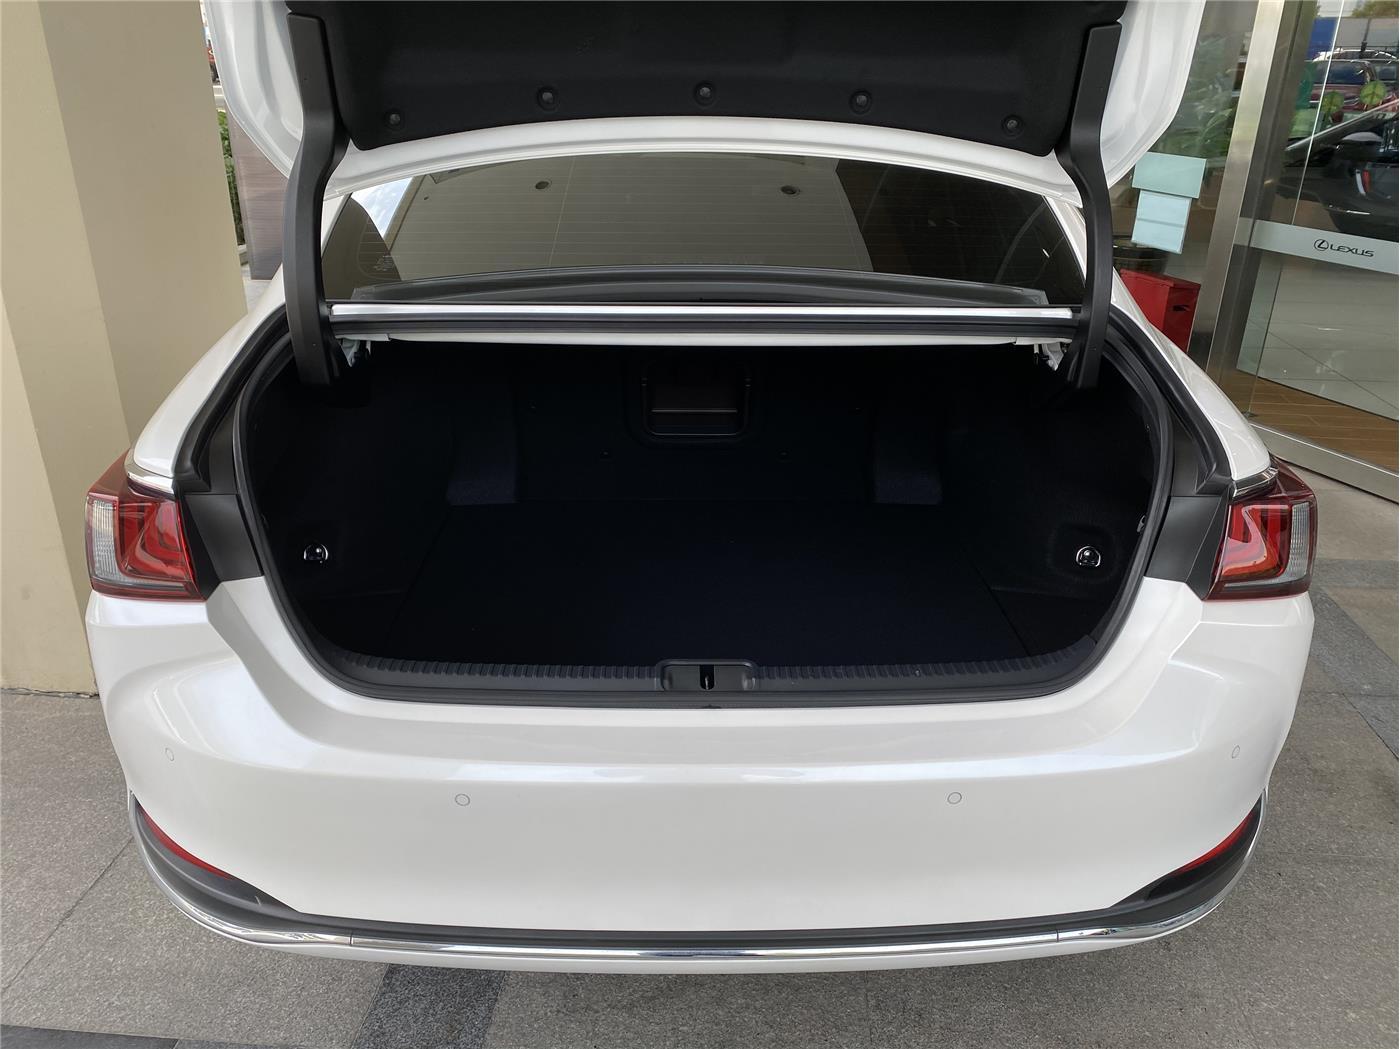 雷克萨斯ES 300h 2.5 CVT卓越版油电混合(国Ⅴ)[201807]